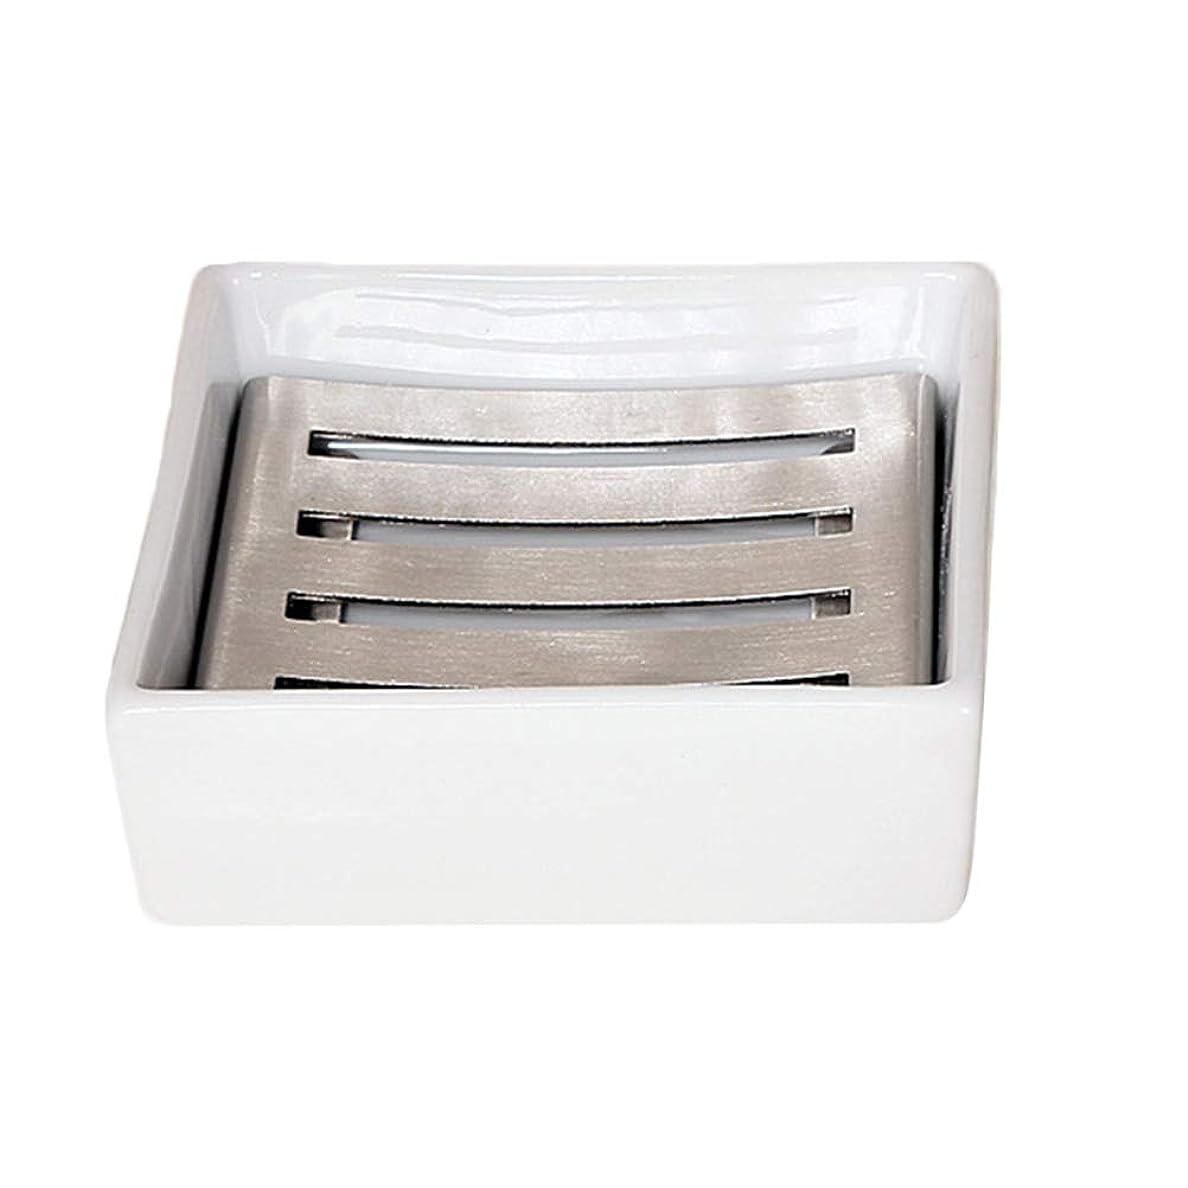 プランター分散価値TOPBATHY セラミックソープディッシュシャワーソープトレイ付きドレンソープセーバーソープホルダー水切り用シャワーバスルームキッチン